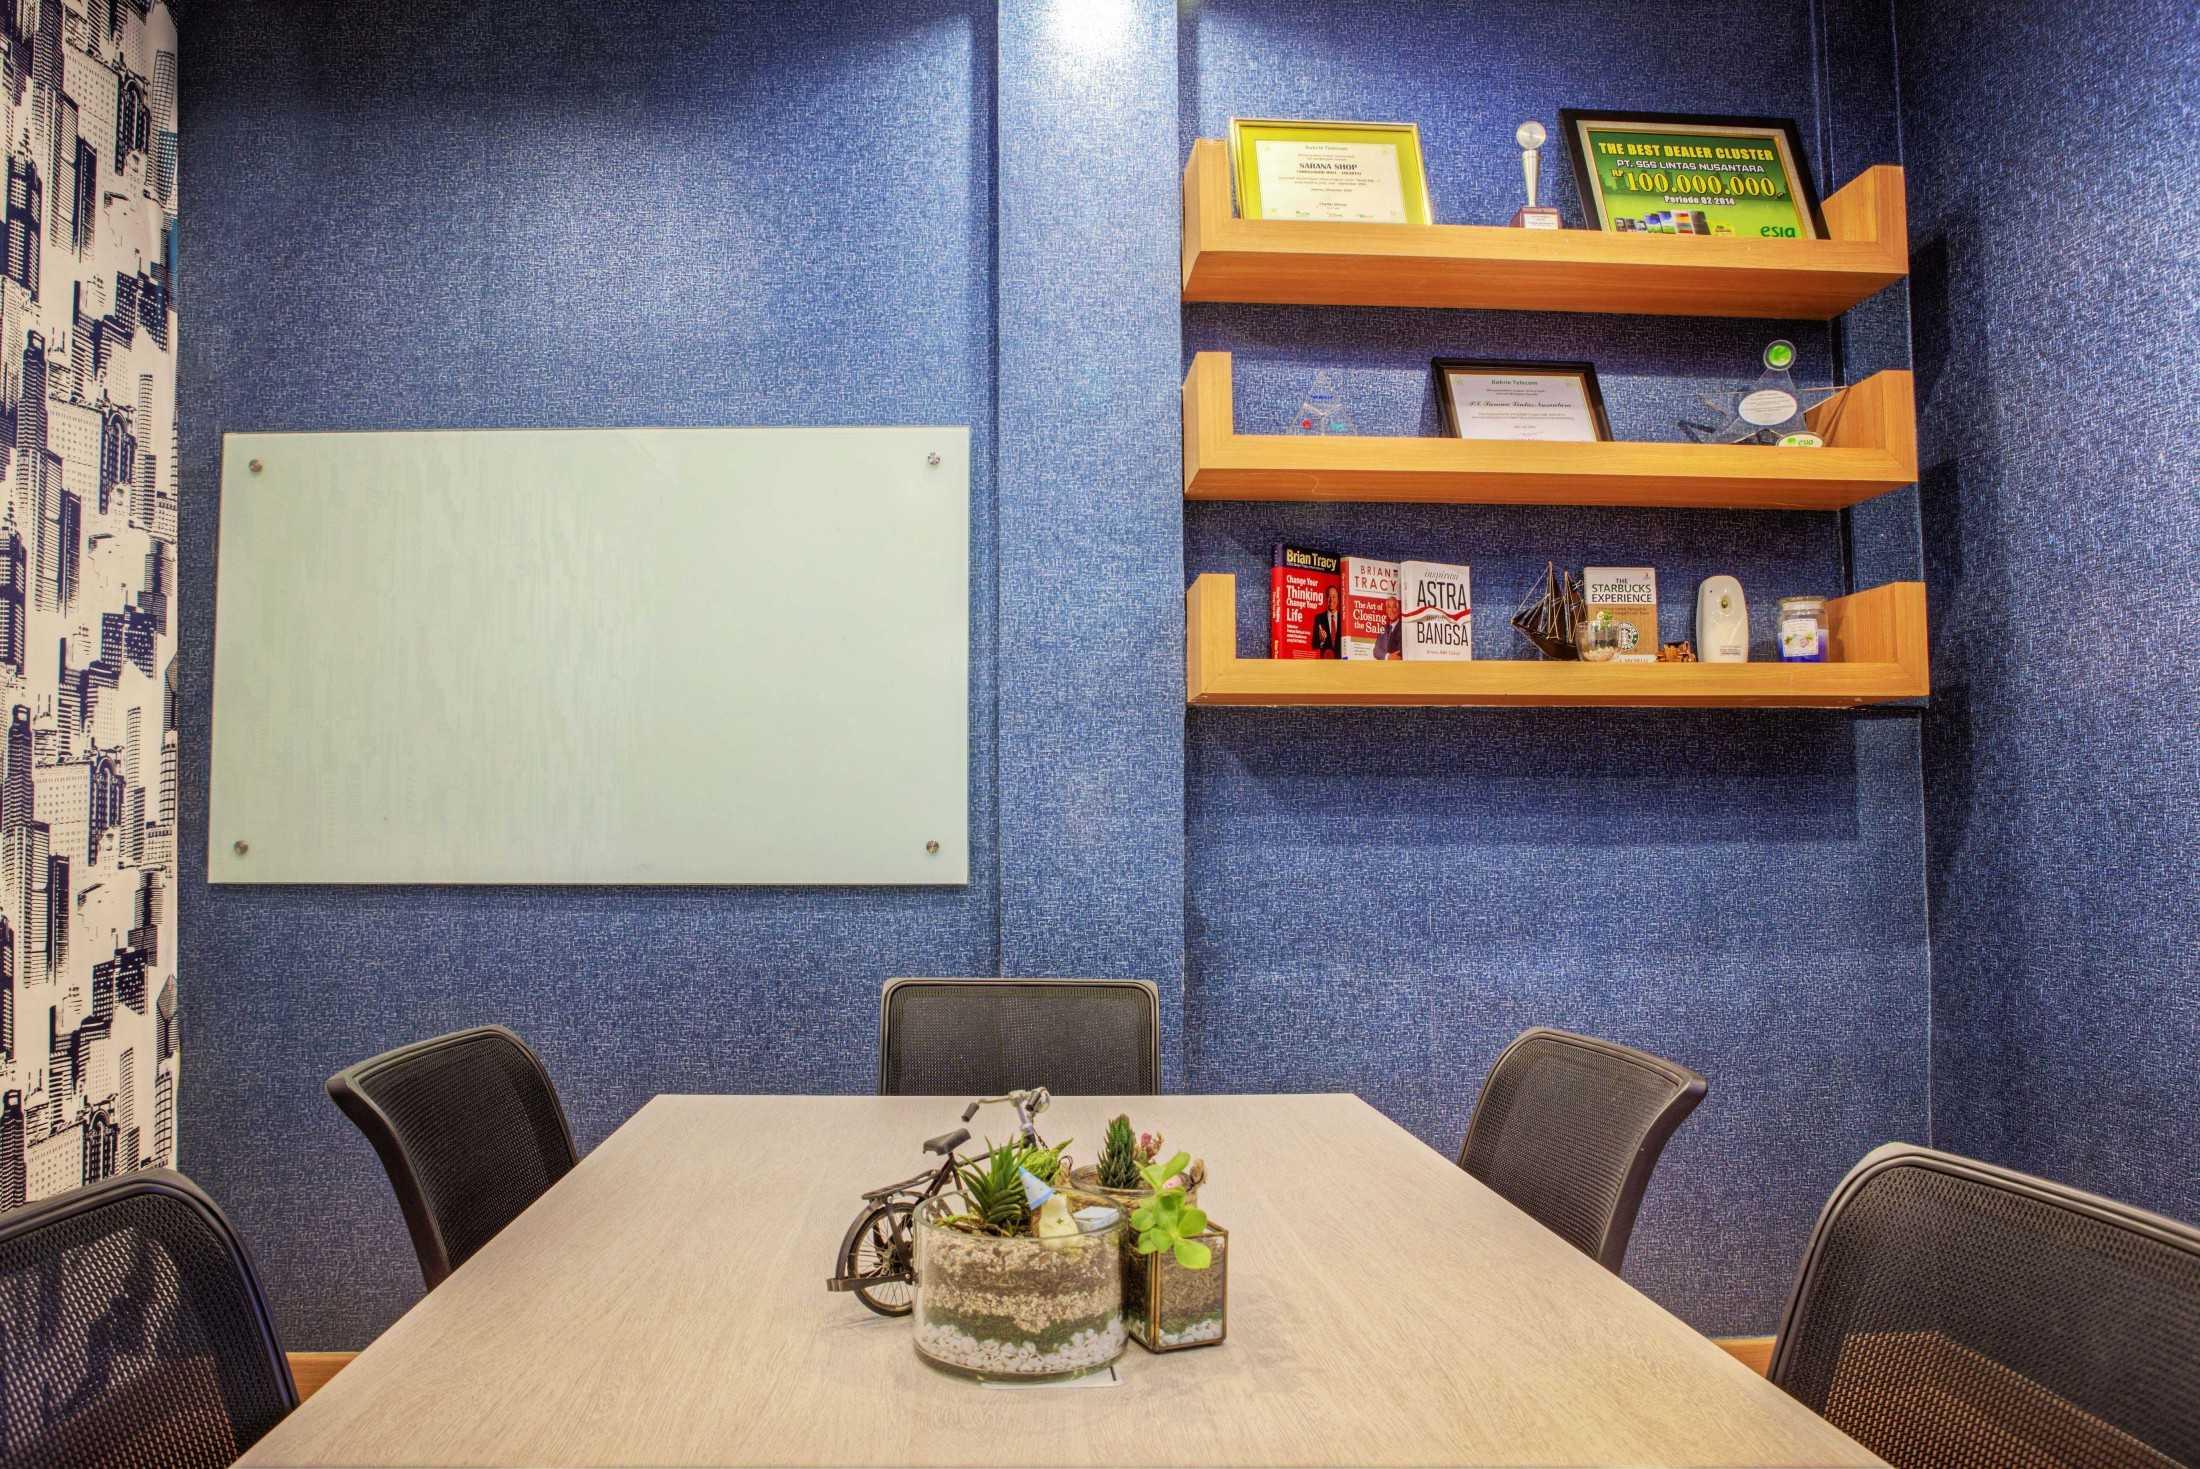 Total Renov Ruang Meeting Office Dan Mogot Jl. Daan Mogot, Indonesia Jl. Daan Mogot, Indonesia Total-Renov-Ruang-Meeting-Office-Dan-Mogot  59880